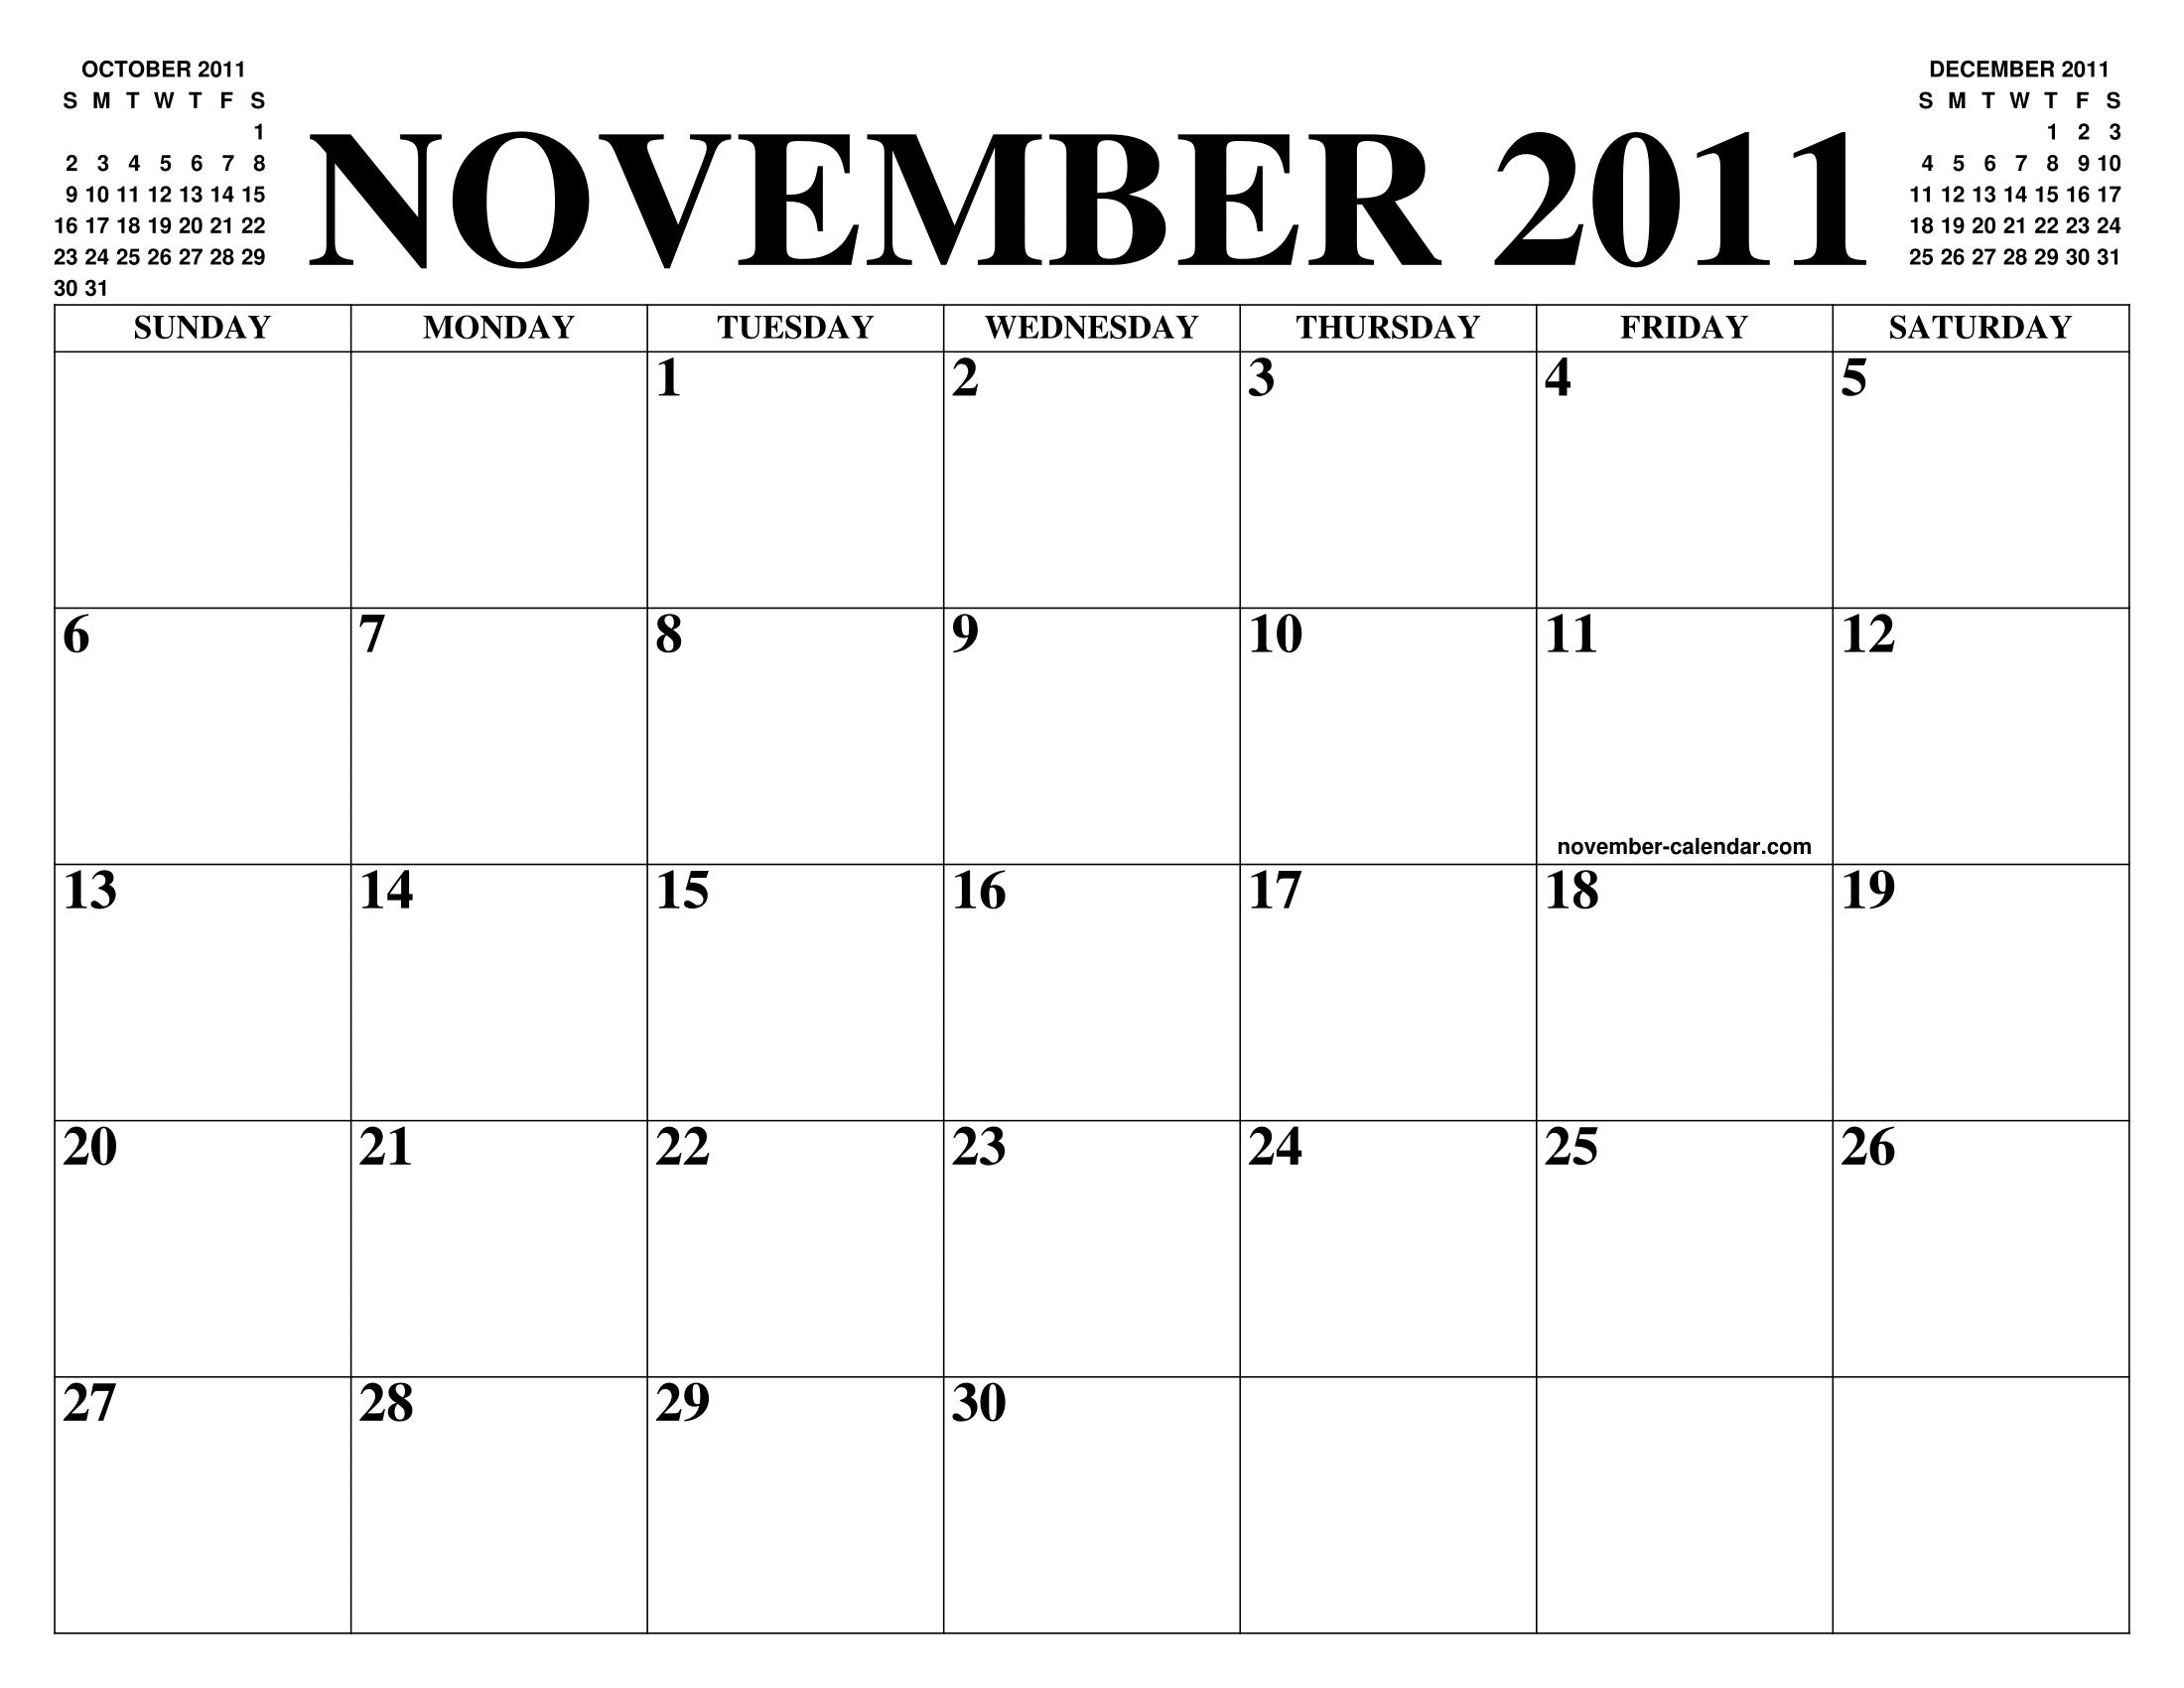 2011 Calendario.November 2011 Calendar Of The Month Free Printable November